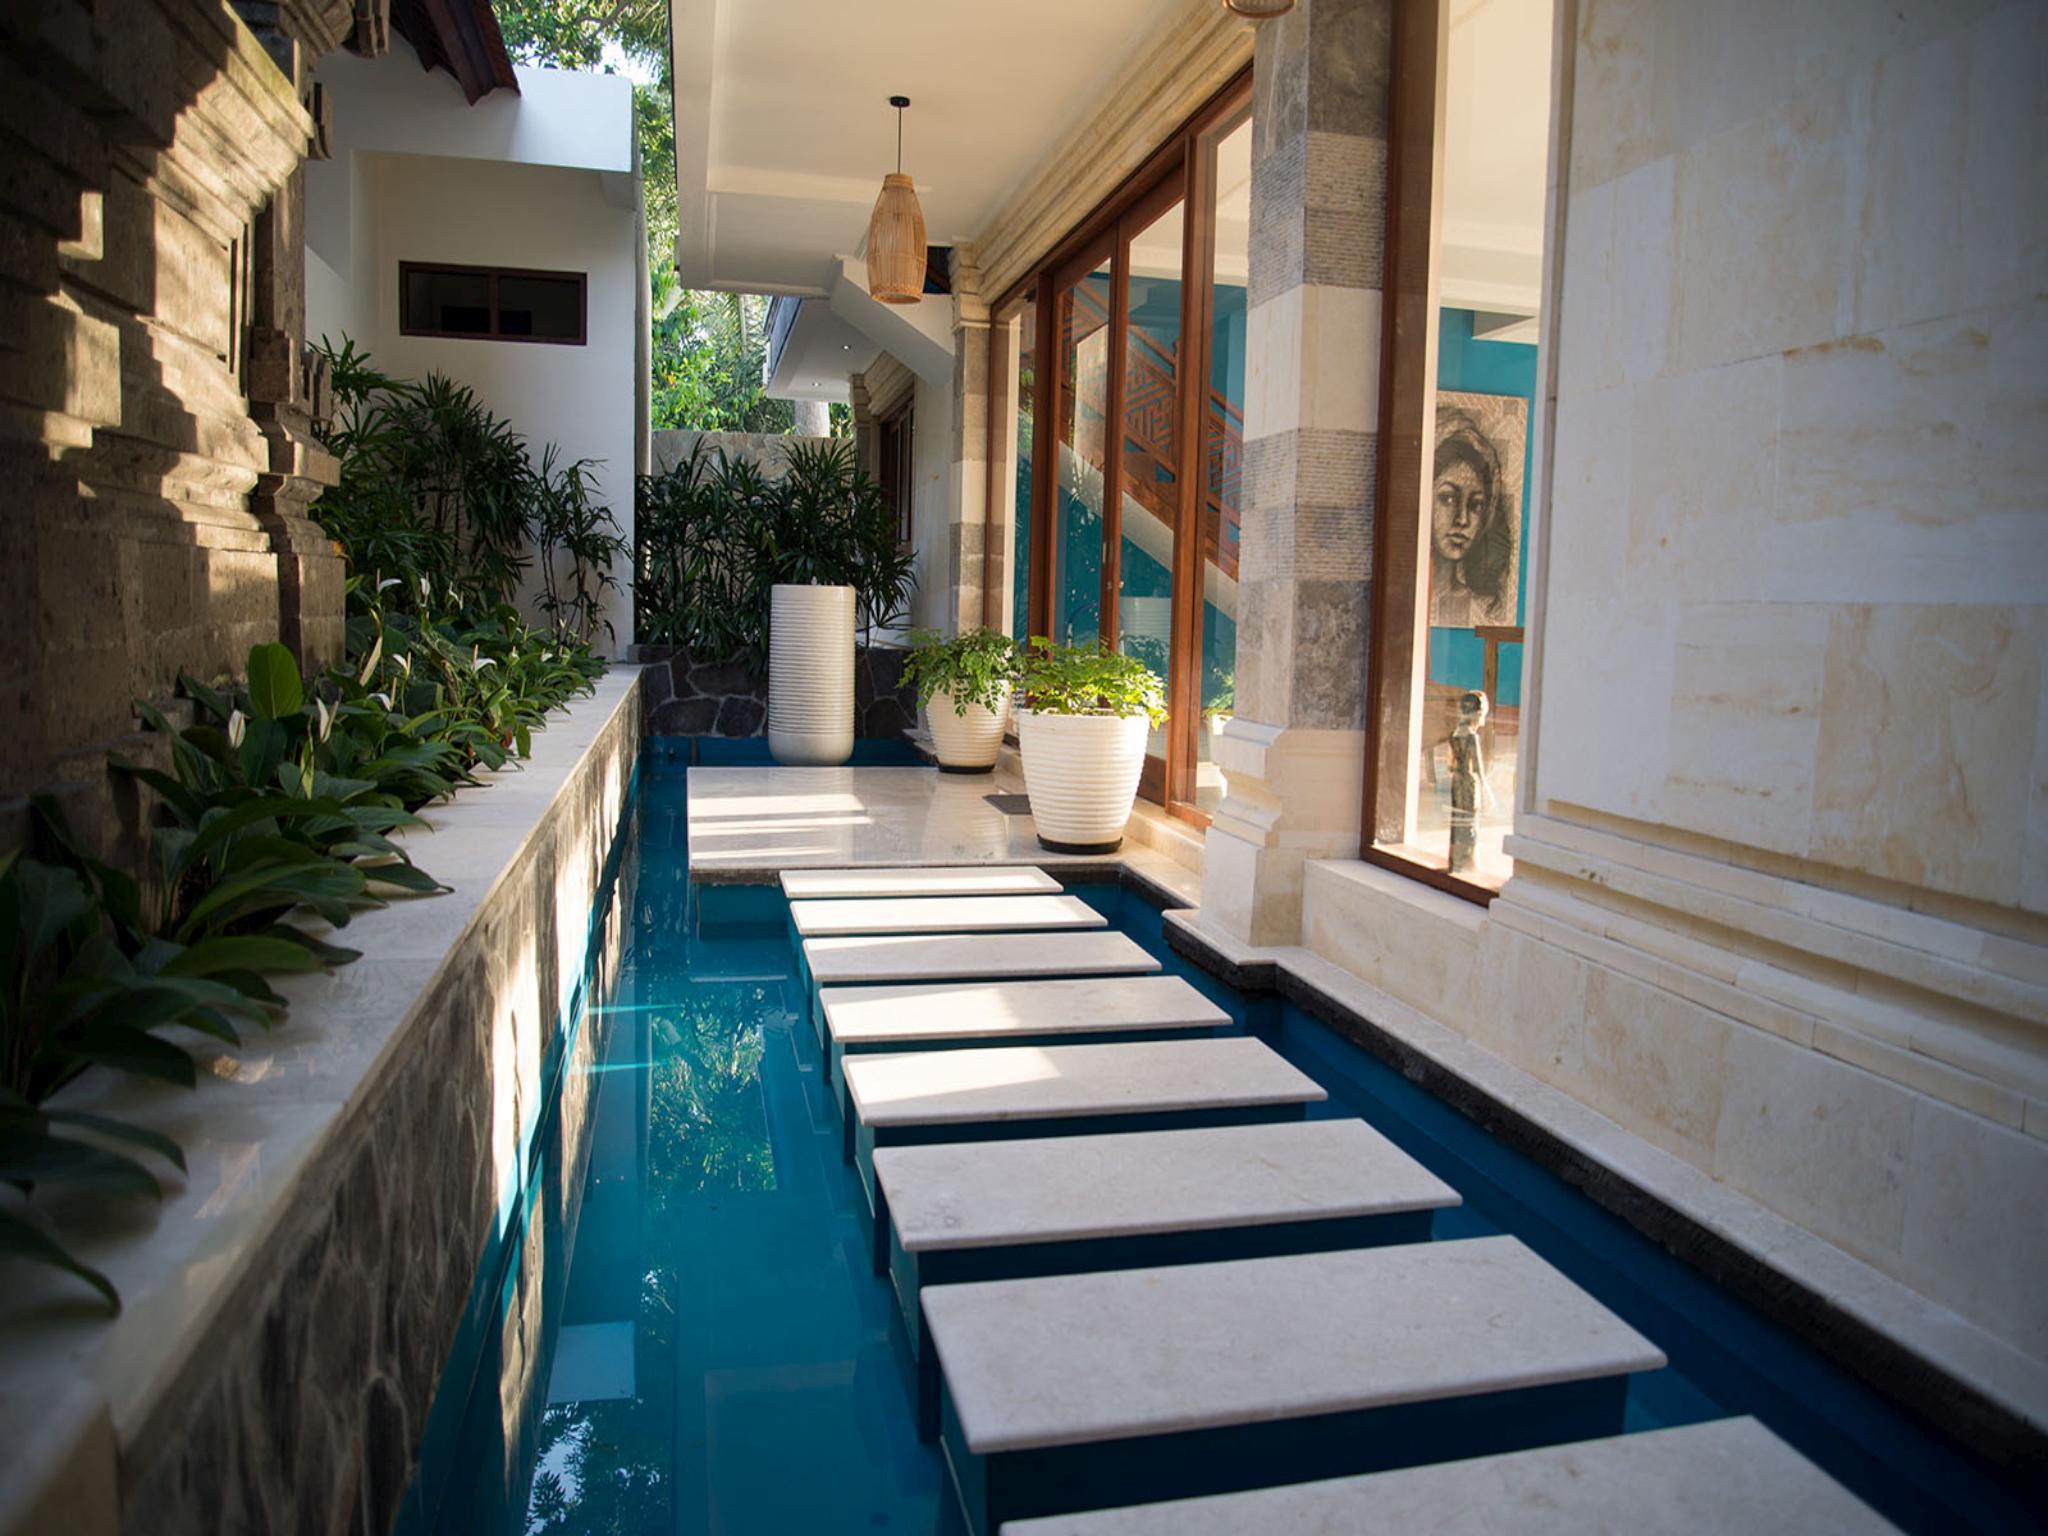 Kano Sari Ubud Villa ホテル詳細